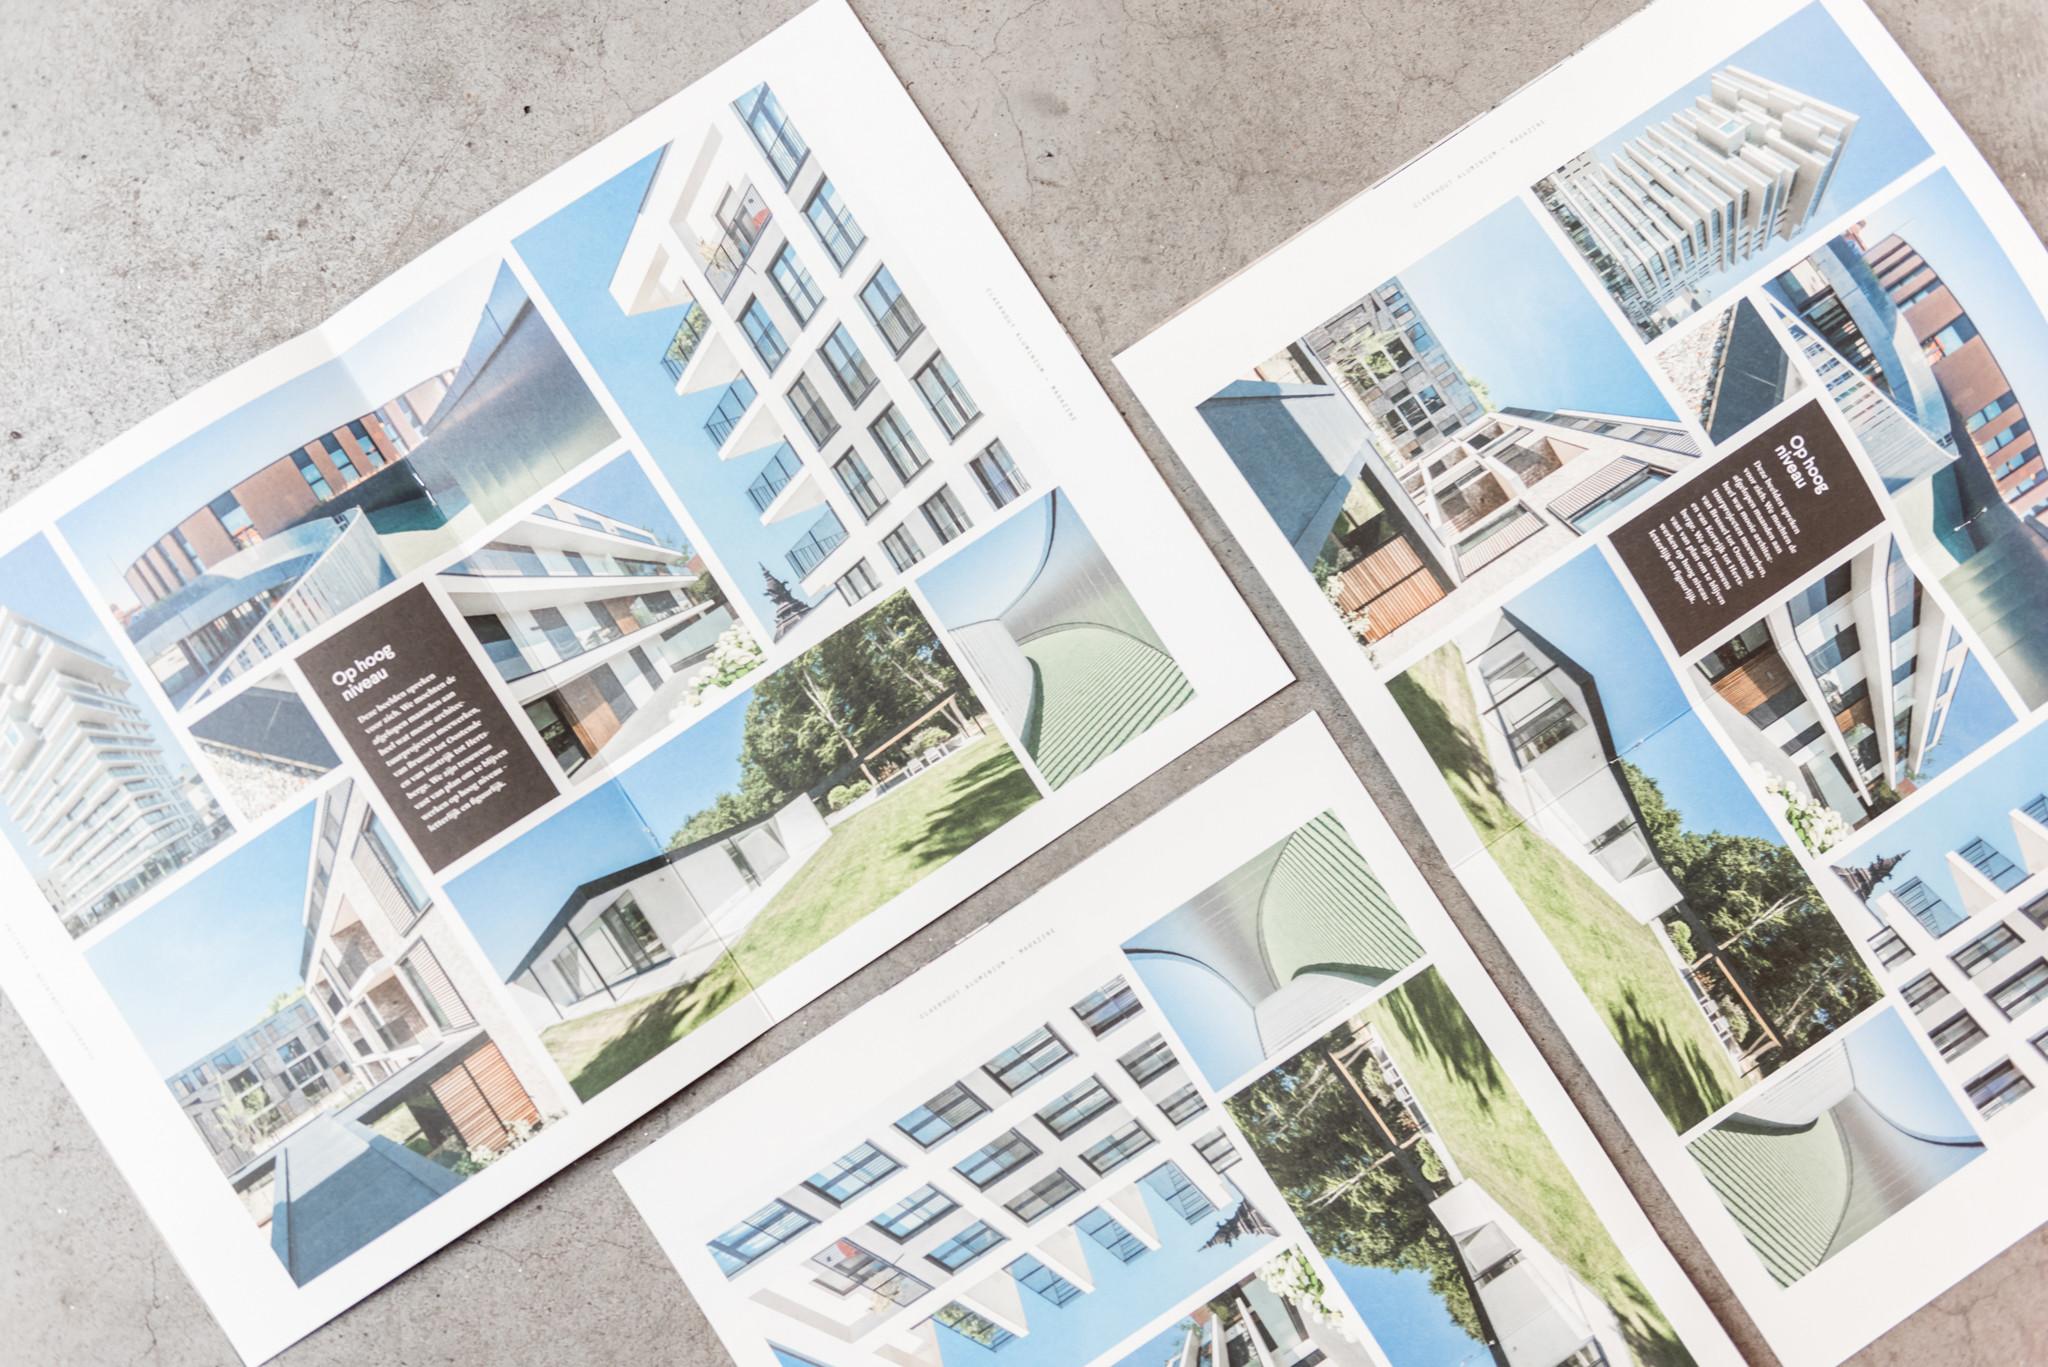 Detail van de fotografie in het bedrijfsblad van Claerhout Aluminium